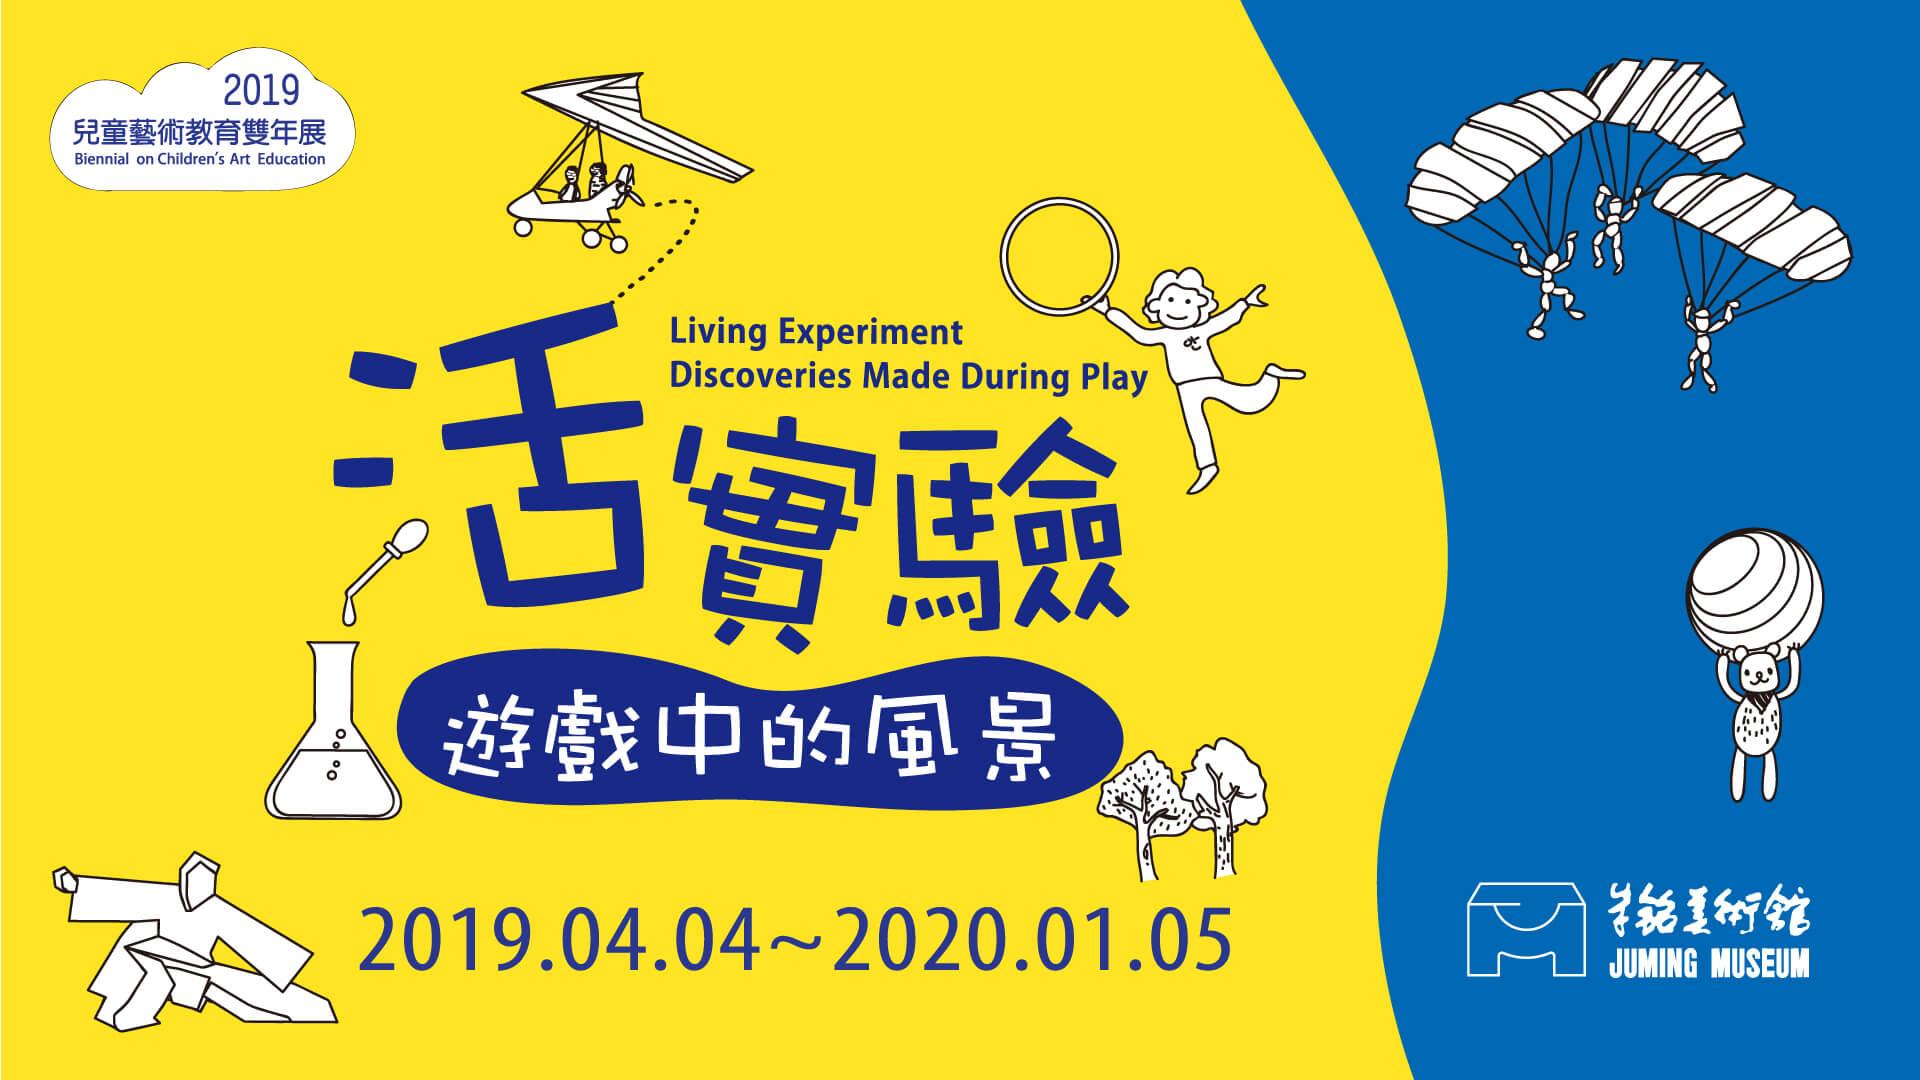 2019兒童藝術教育雙年展 活實驗-遊戲中的風景